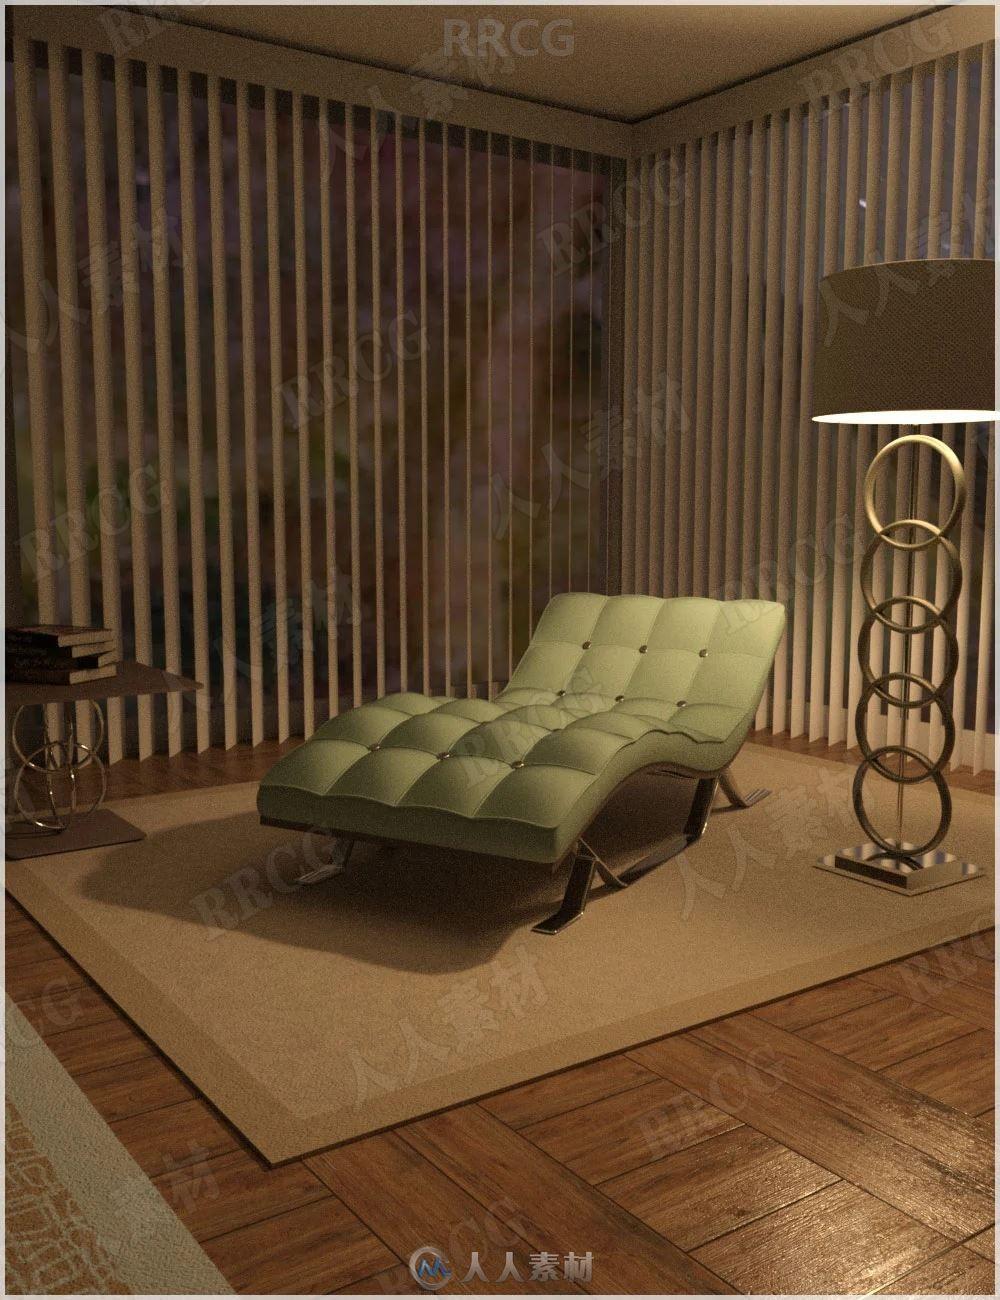 休闲小憩放松舒适室内角落3D模型合集